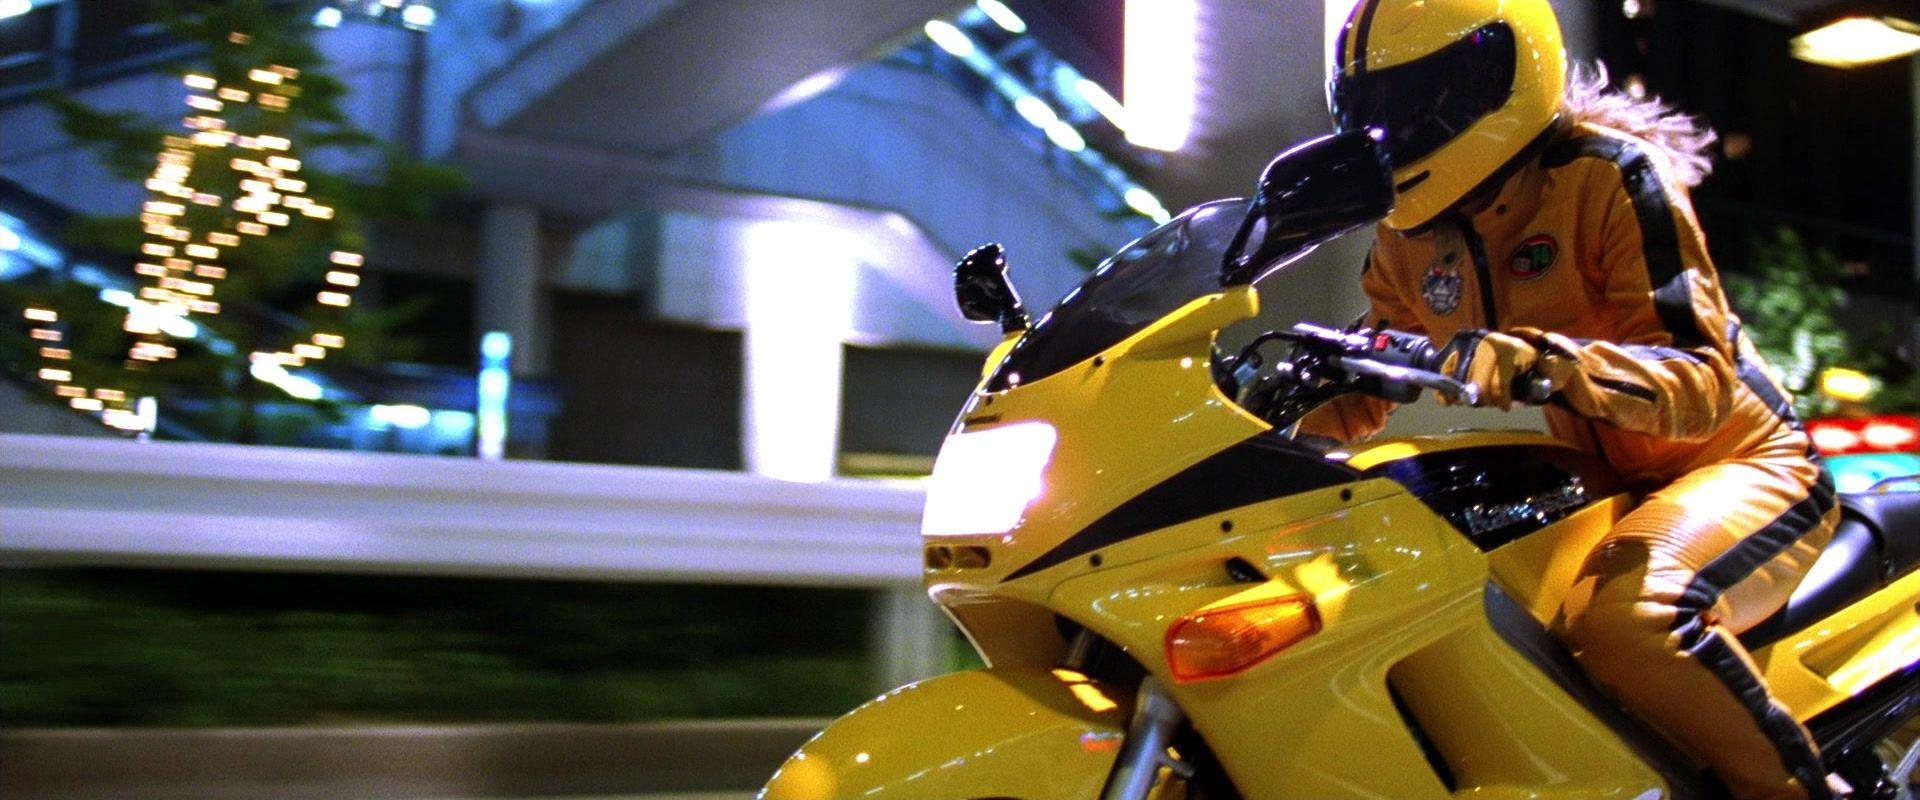 Η Uma Thurman με κίτρινη στολή πάνω στην κίτρινη Kawasaki ZZR 250